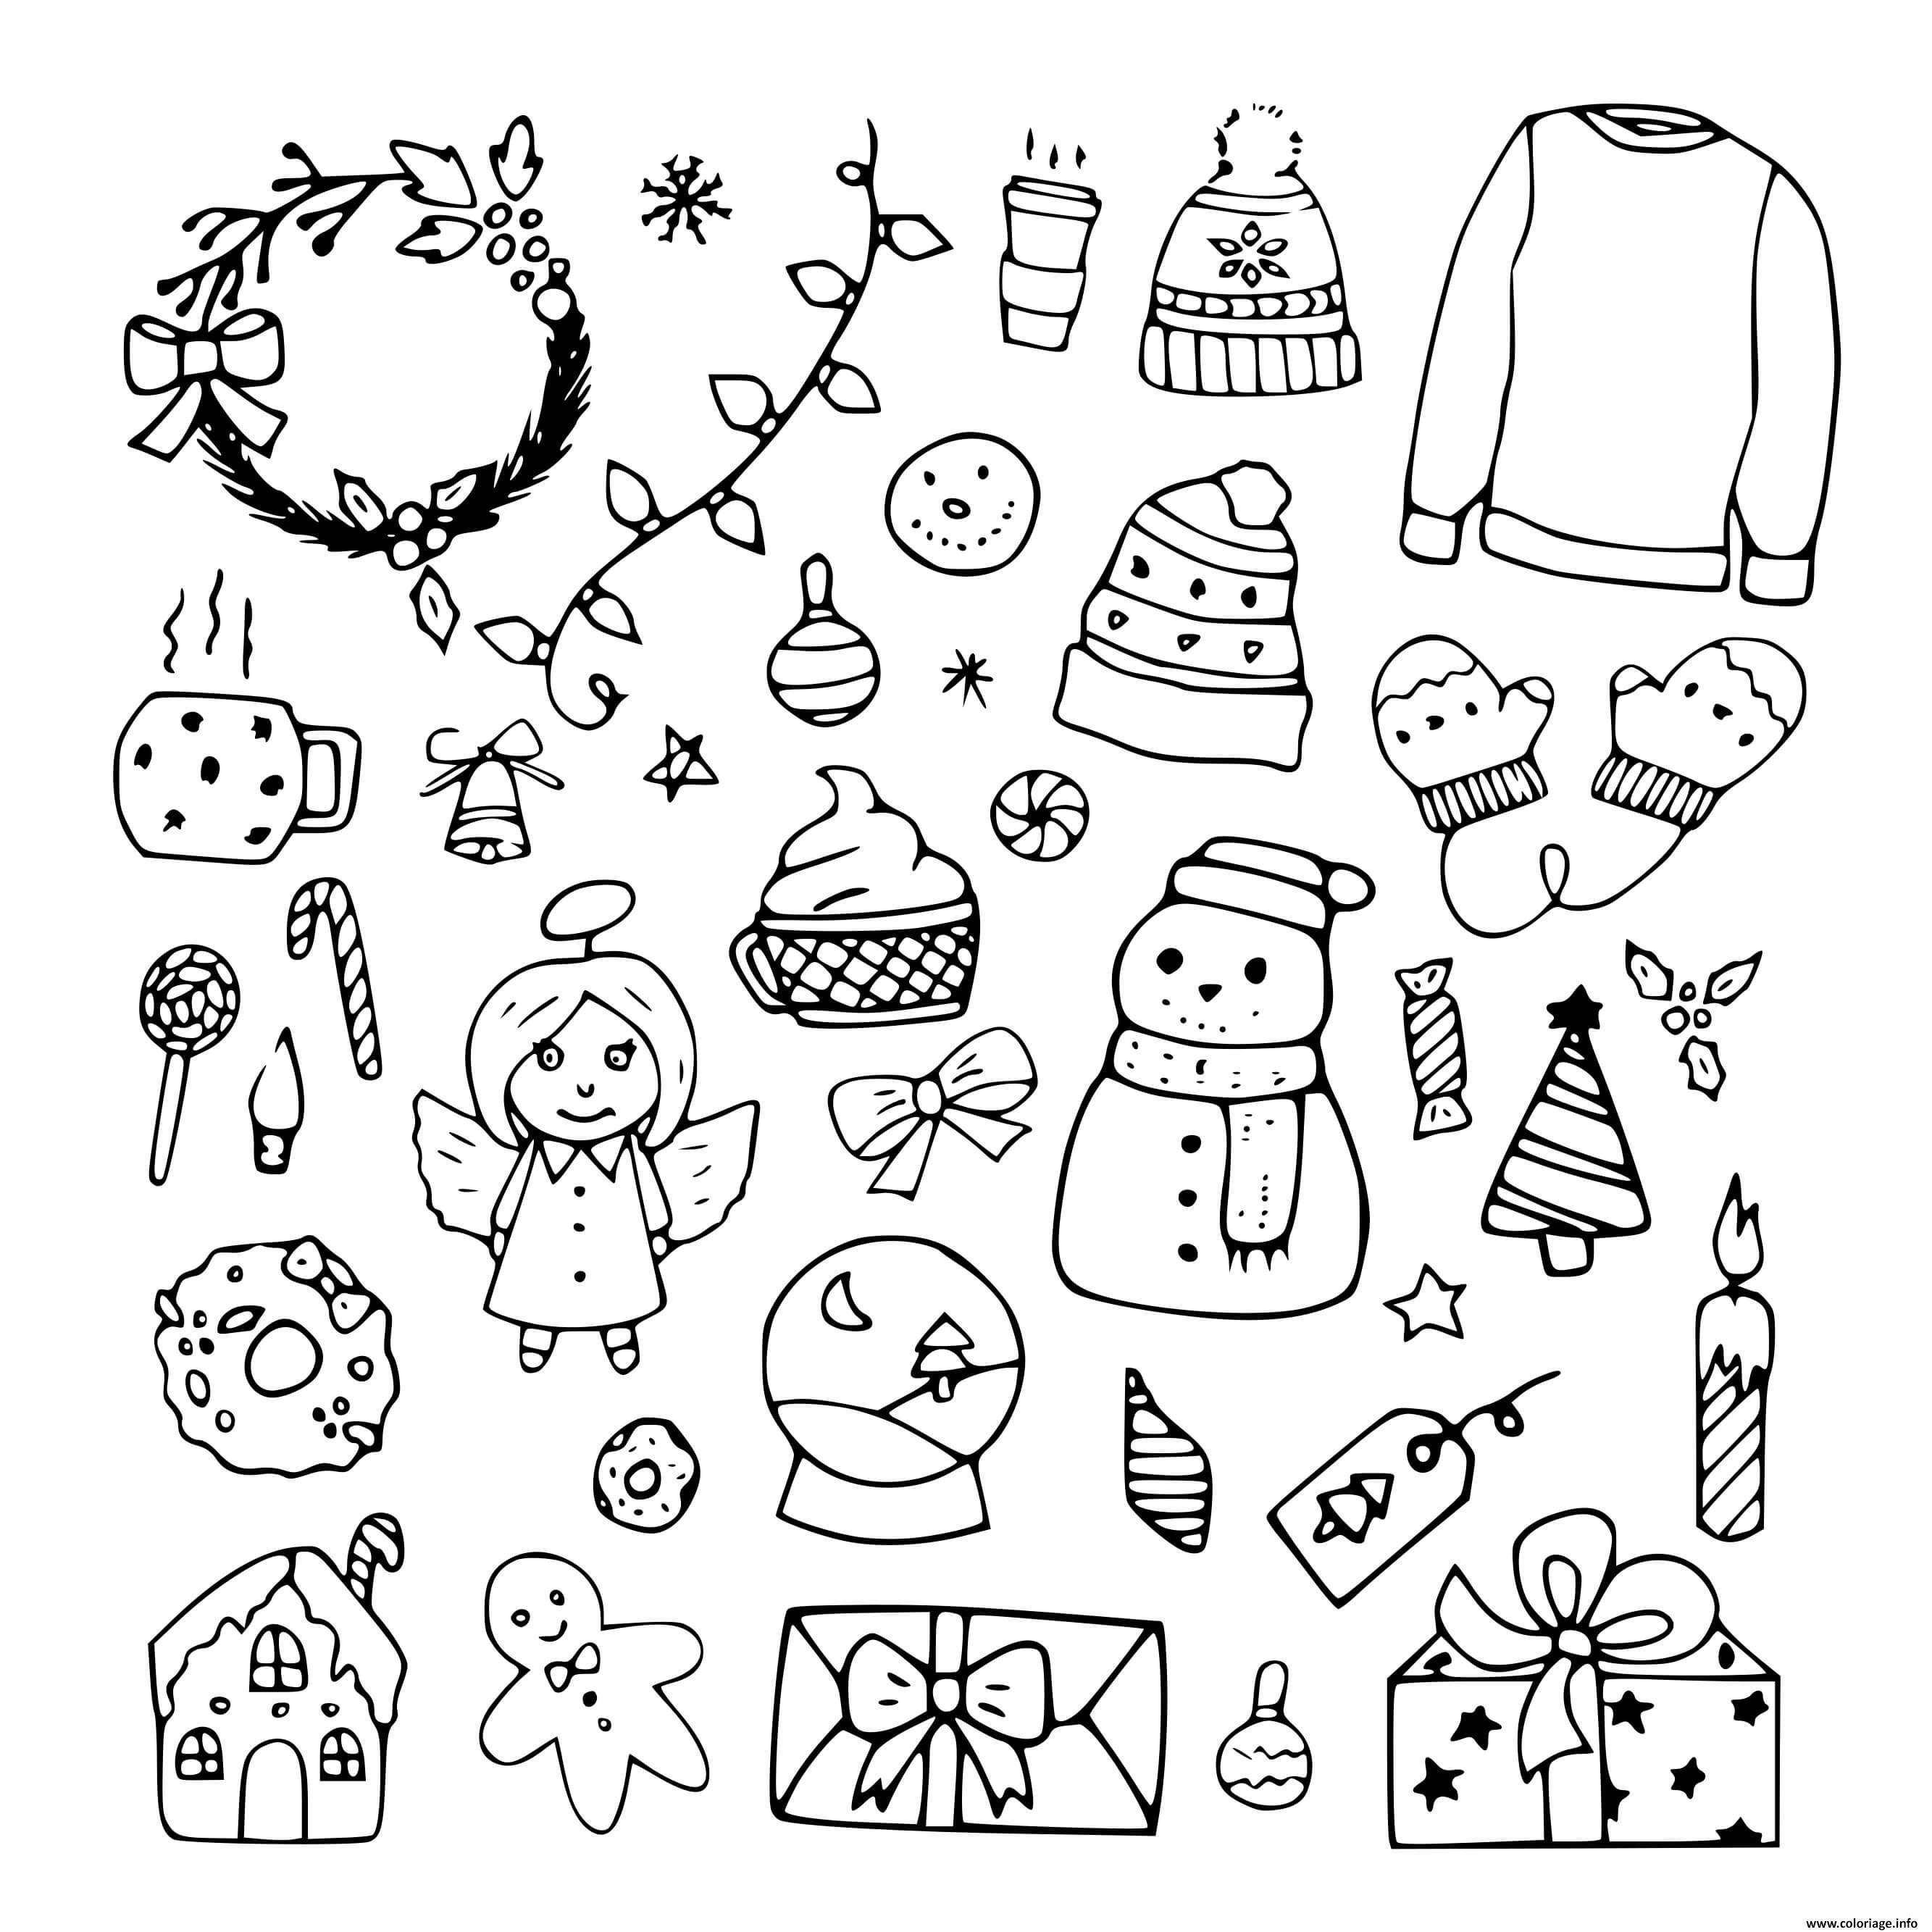 Dessin icones de noel sapin hiver decembre decorations Coloriage Gratuit à Imprimer